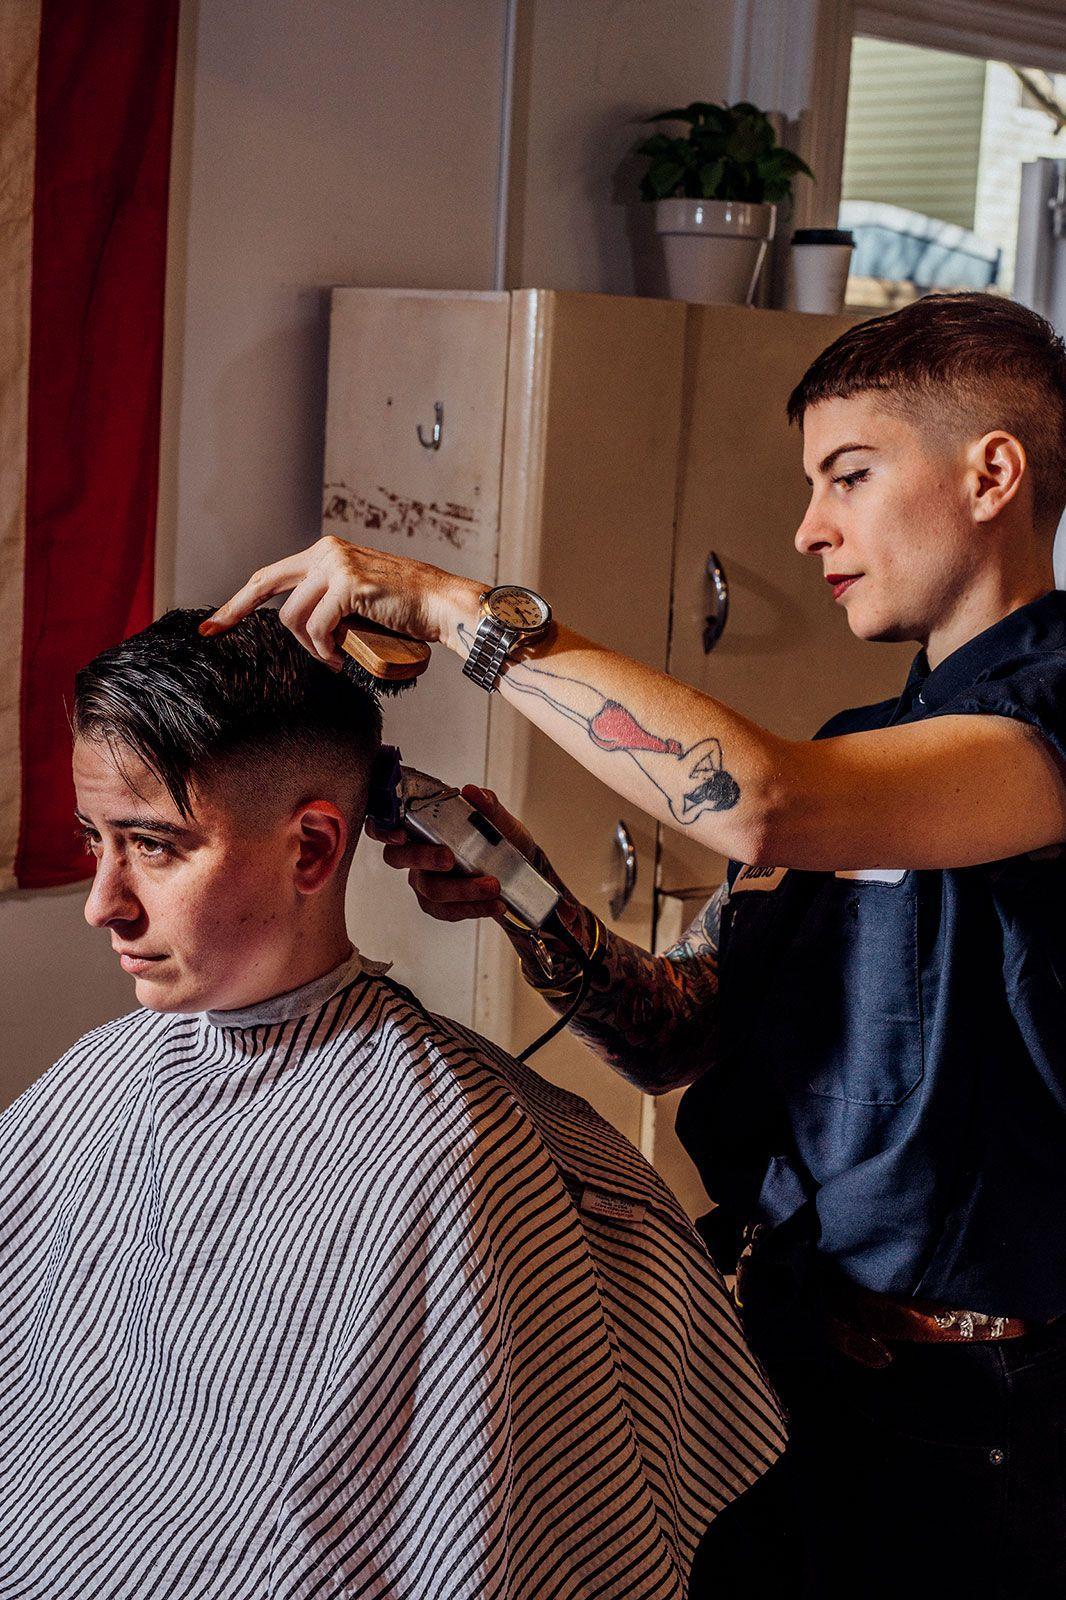 Pin On Haircuts I Want